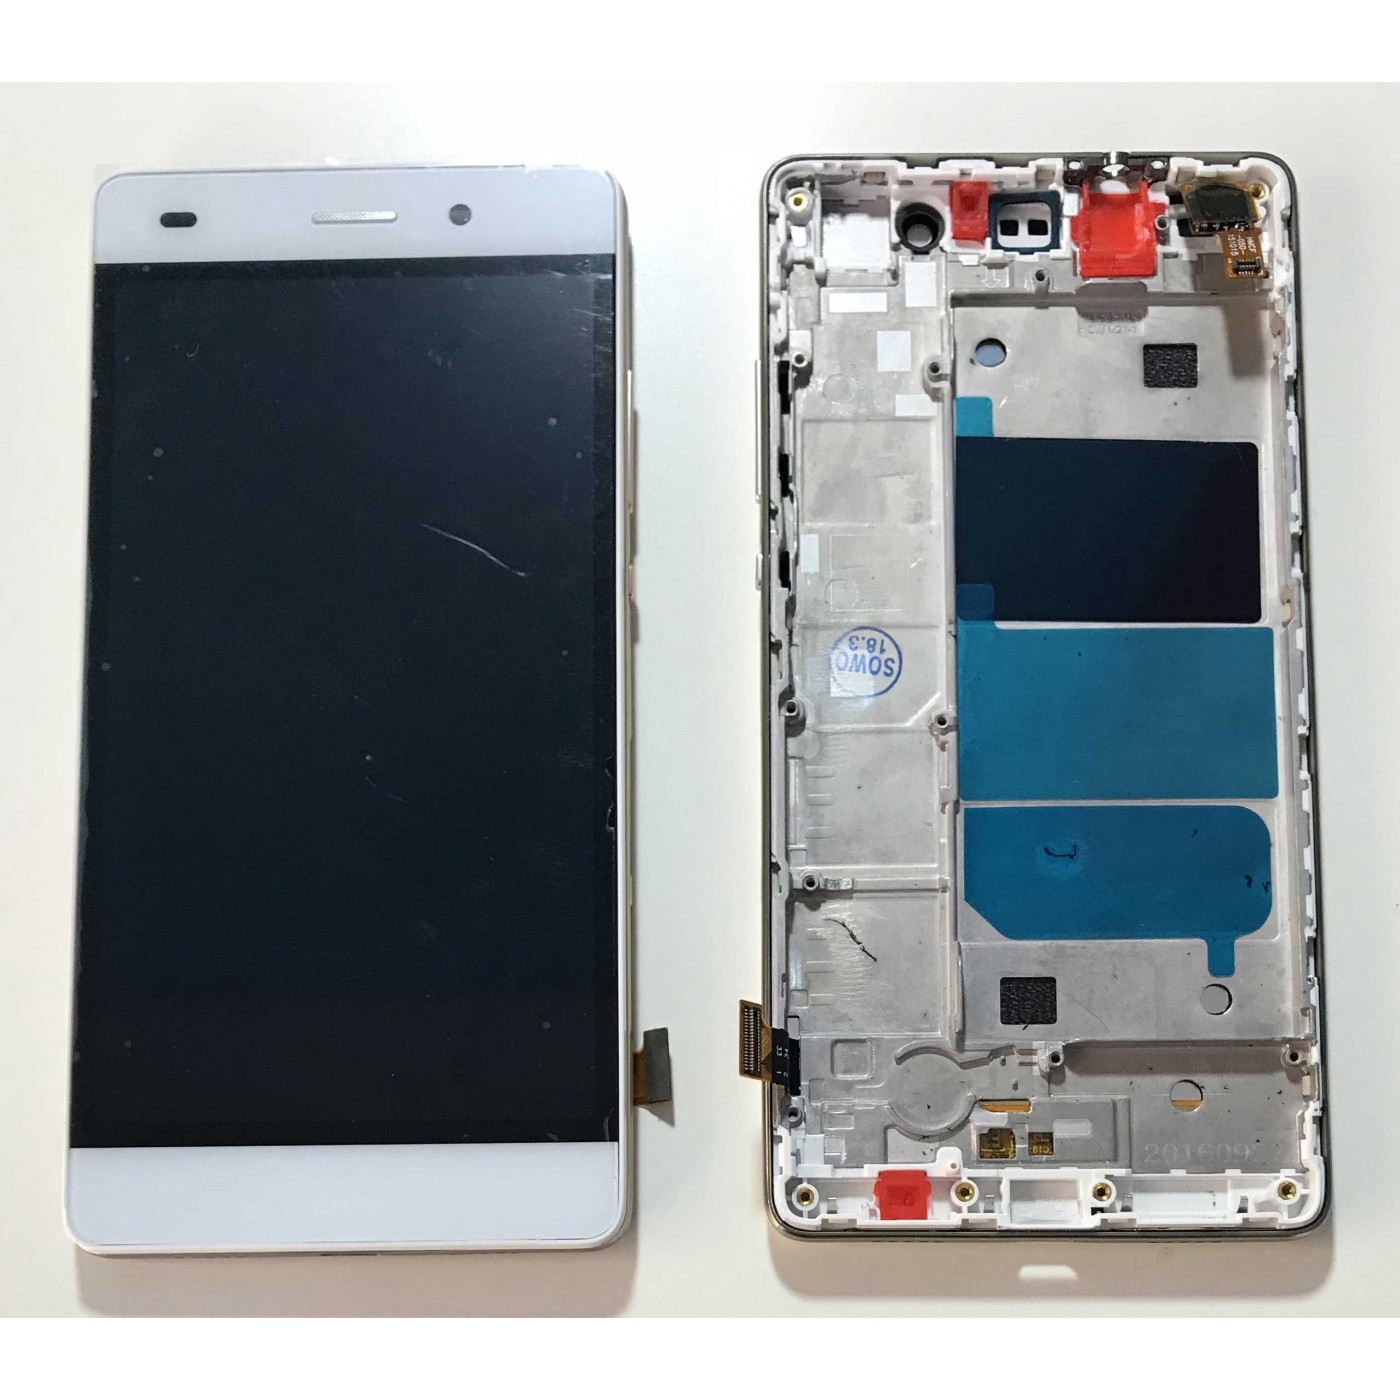 PANTALLA TÁCTIL VIDRIO LCD MARCO DE PANTALLA LCD para Huawei Ascend P8 Lite ALE-L21